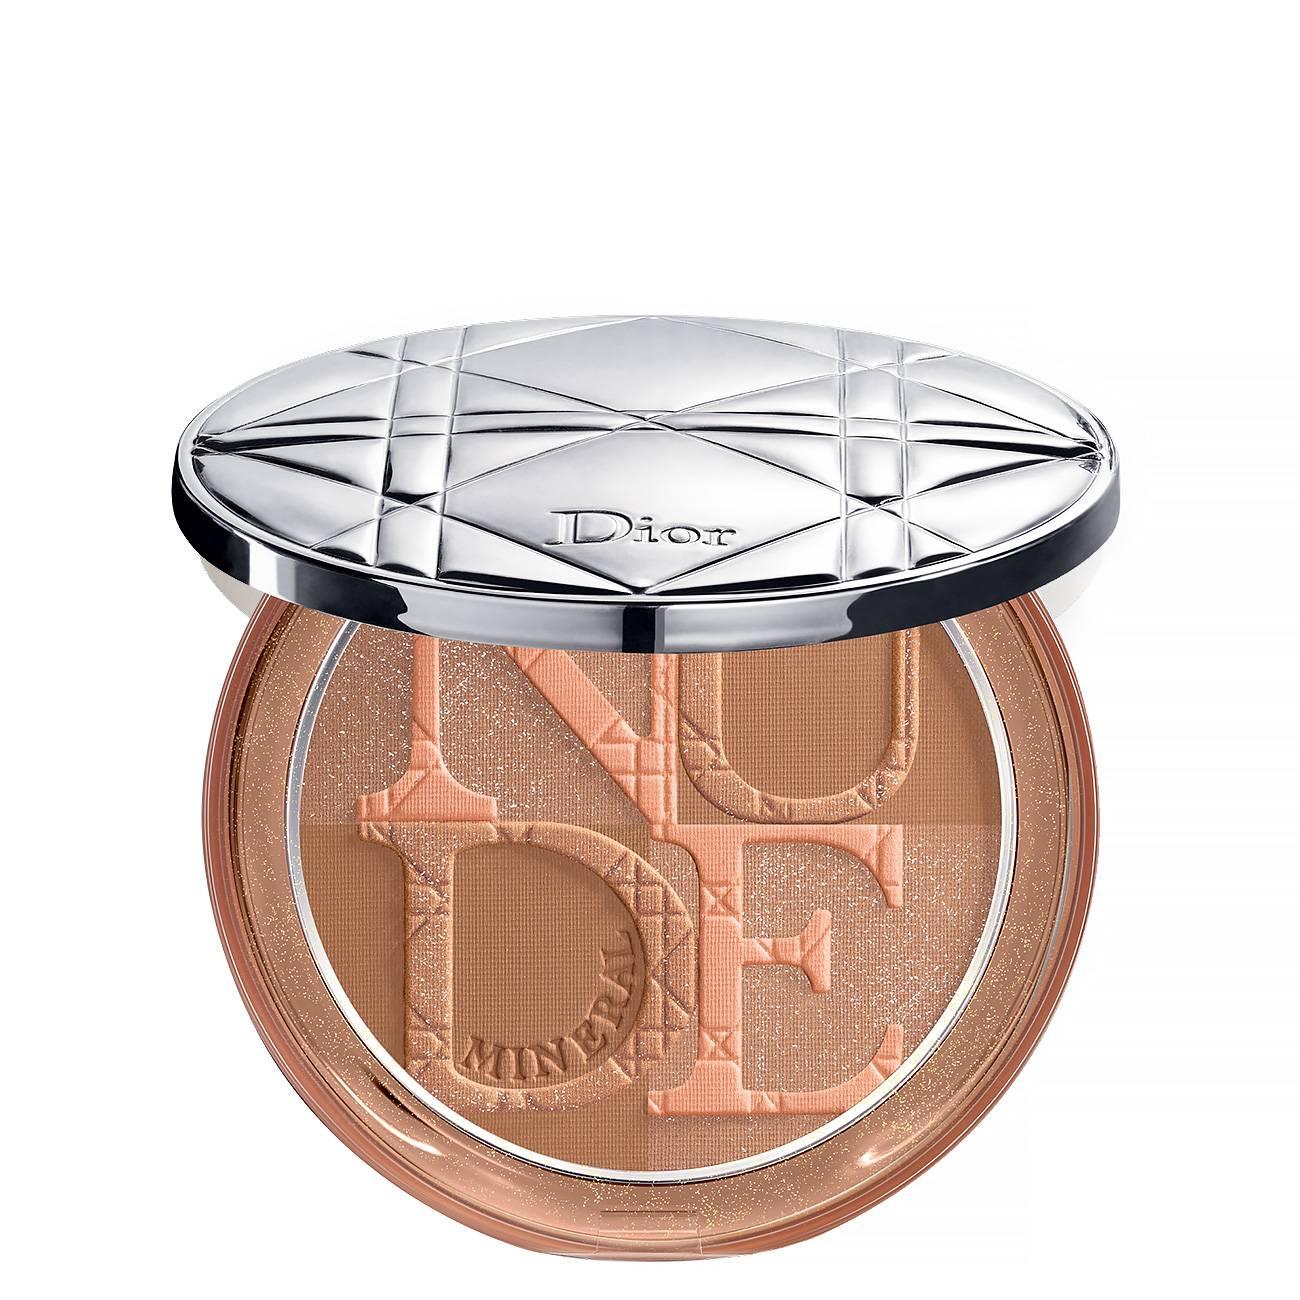 Diorskin Mineral Nude Bronze 05 10gr Dior imagine 2021 bestvalue.eu